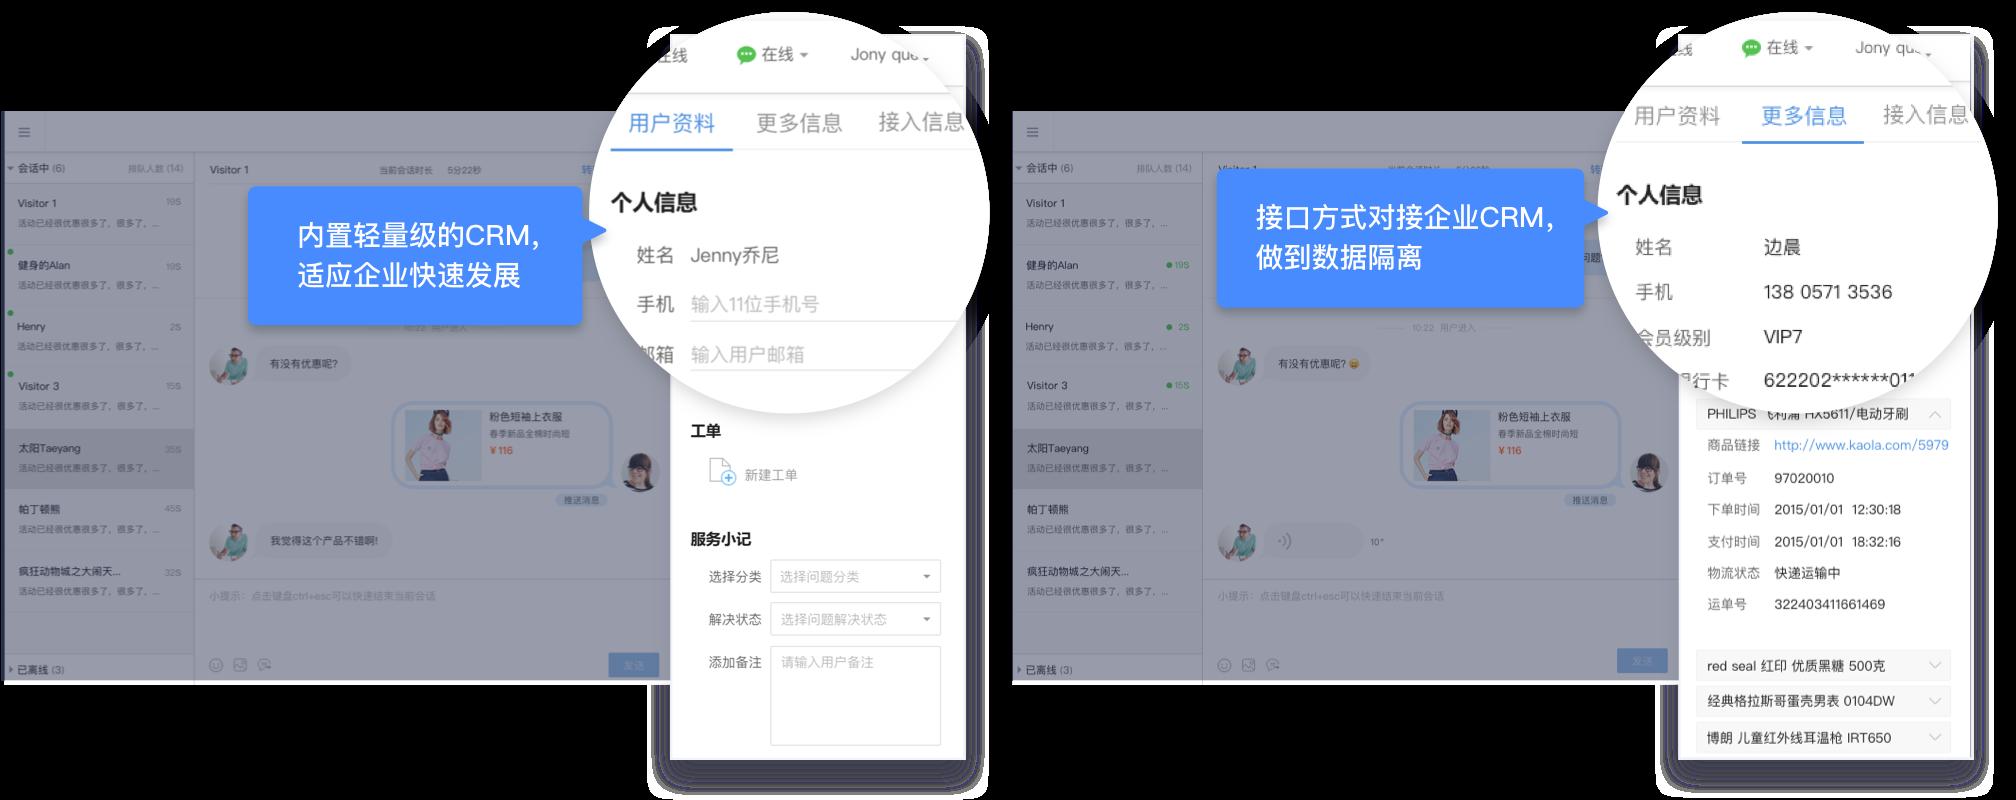 在线客服系统可接入企业CRM